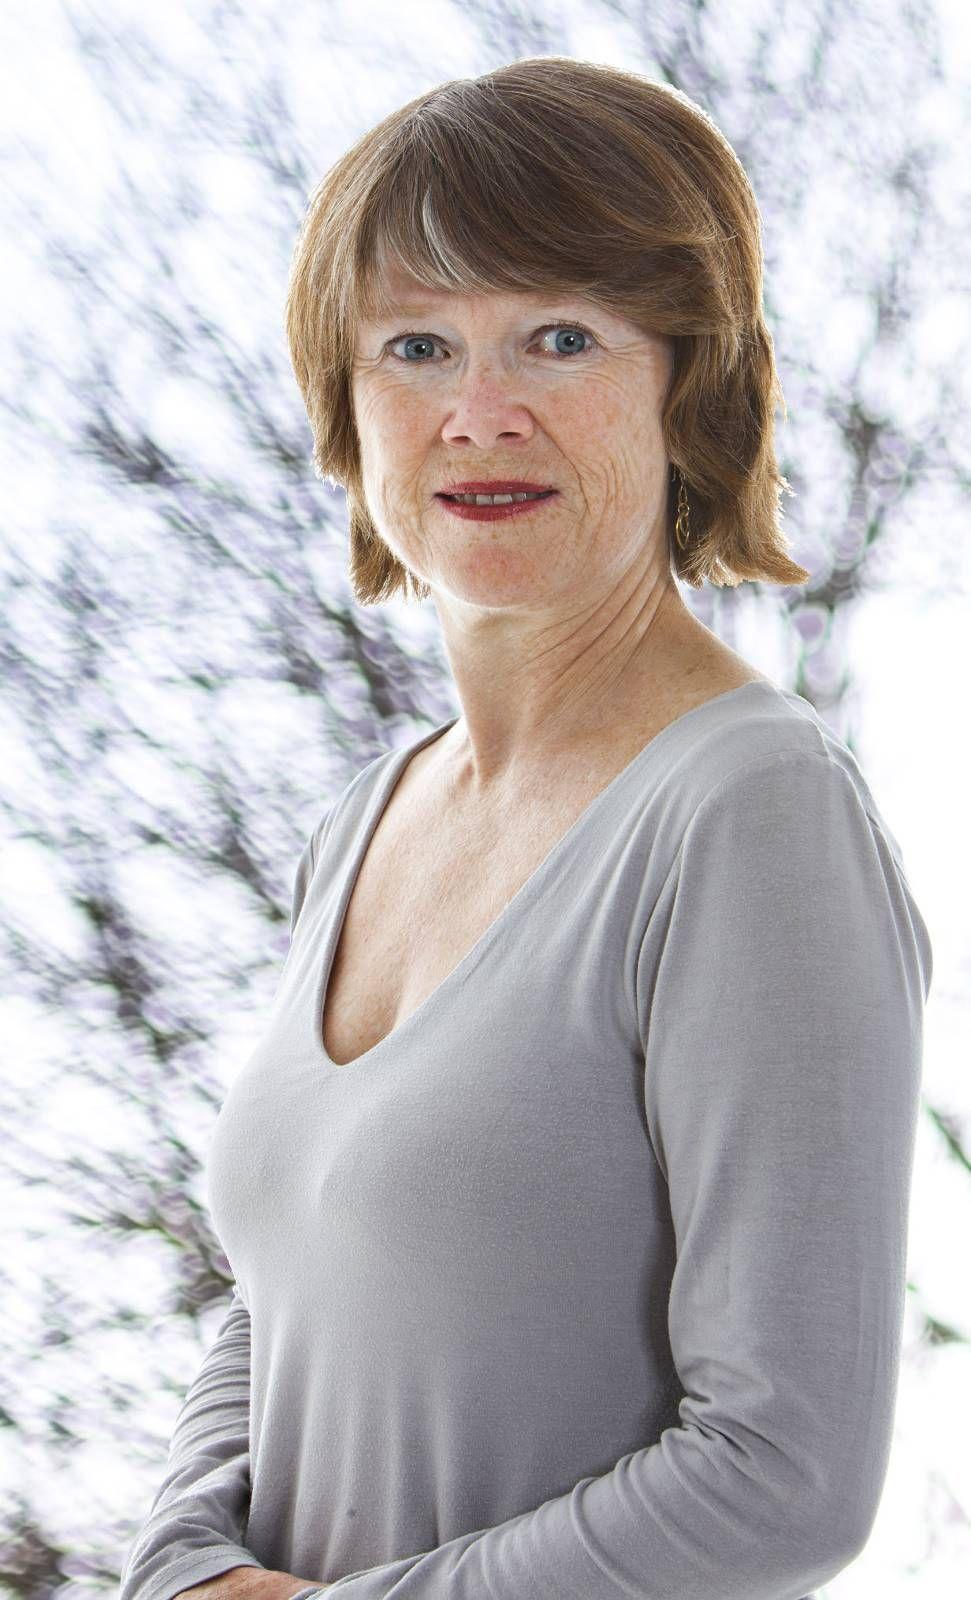 Kristin Aalen